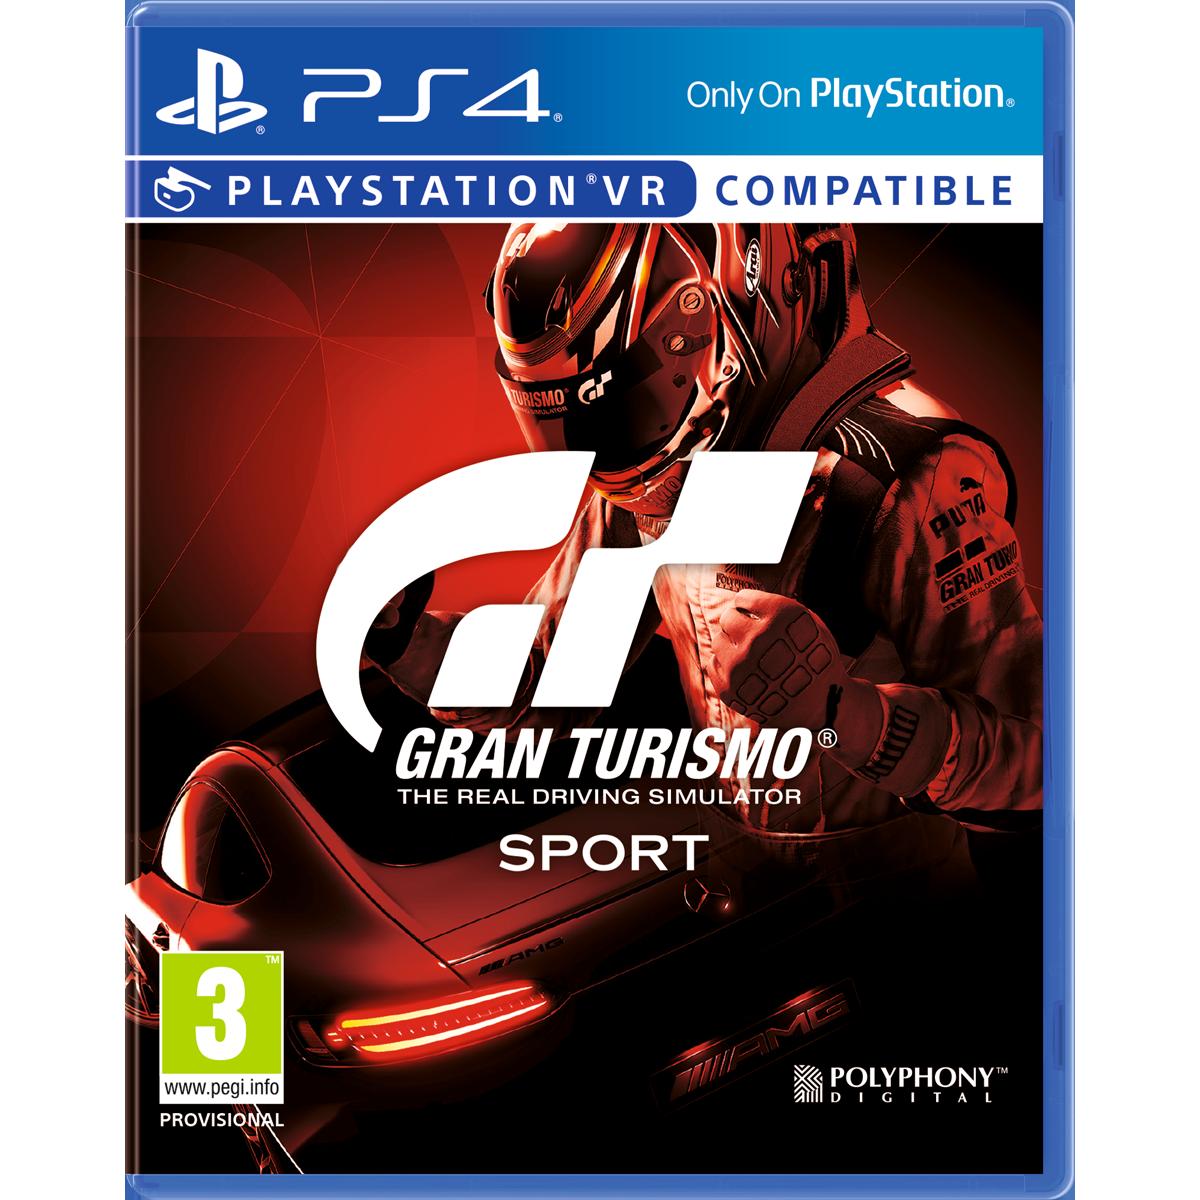 Gran turismo sport ps4 multilingue jeux ps4 racing acheter bas prix media markt - Jeux en ligne ps4 ...